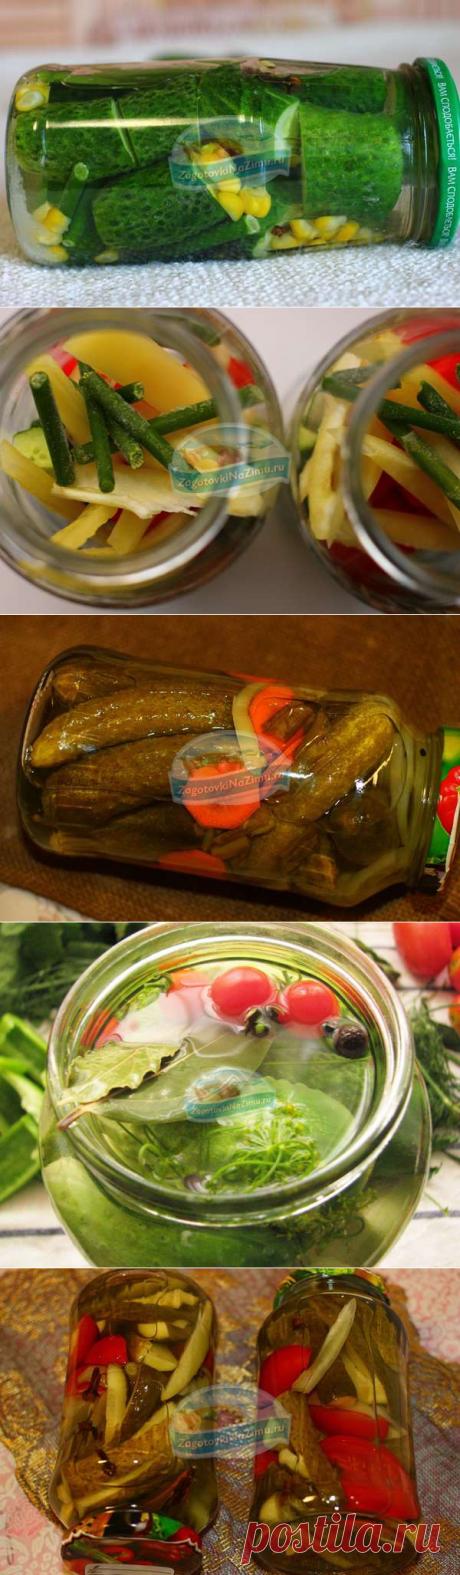 Очень вкусные маринованные огурцы на зиму в банках. 10 лучших рецептов с фото!